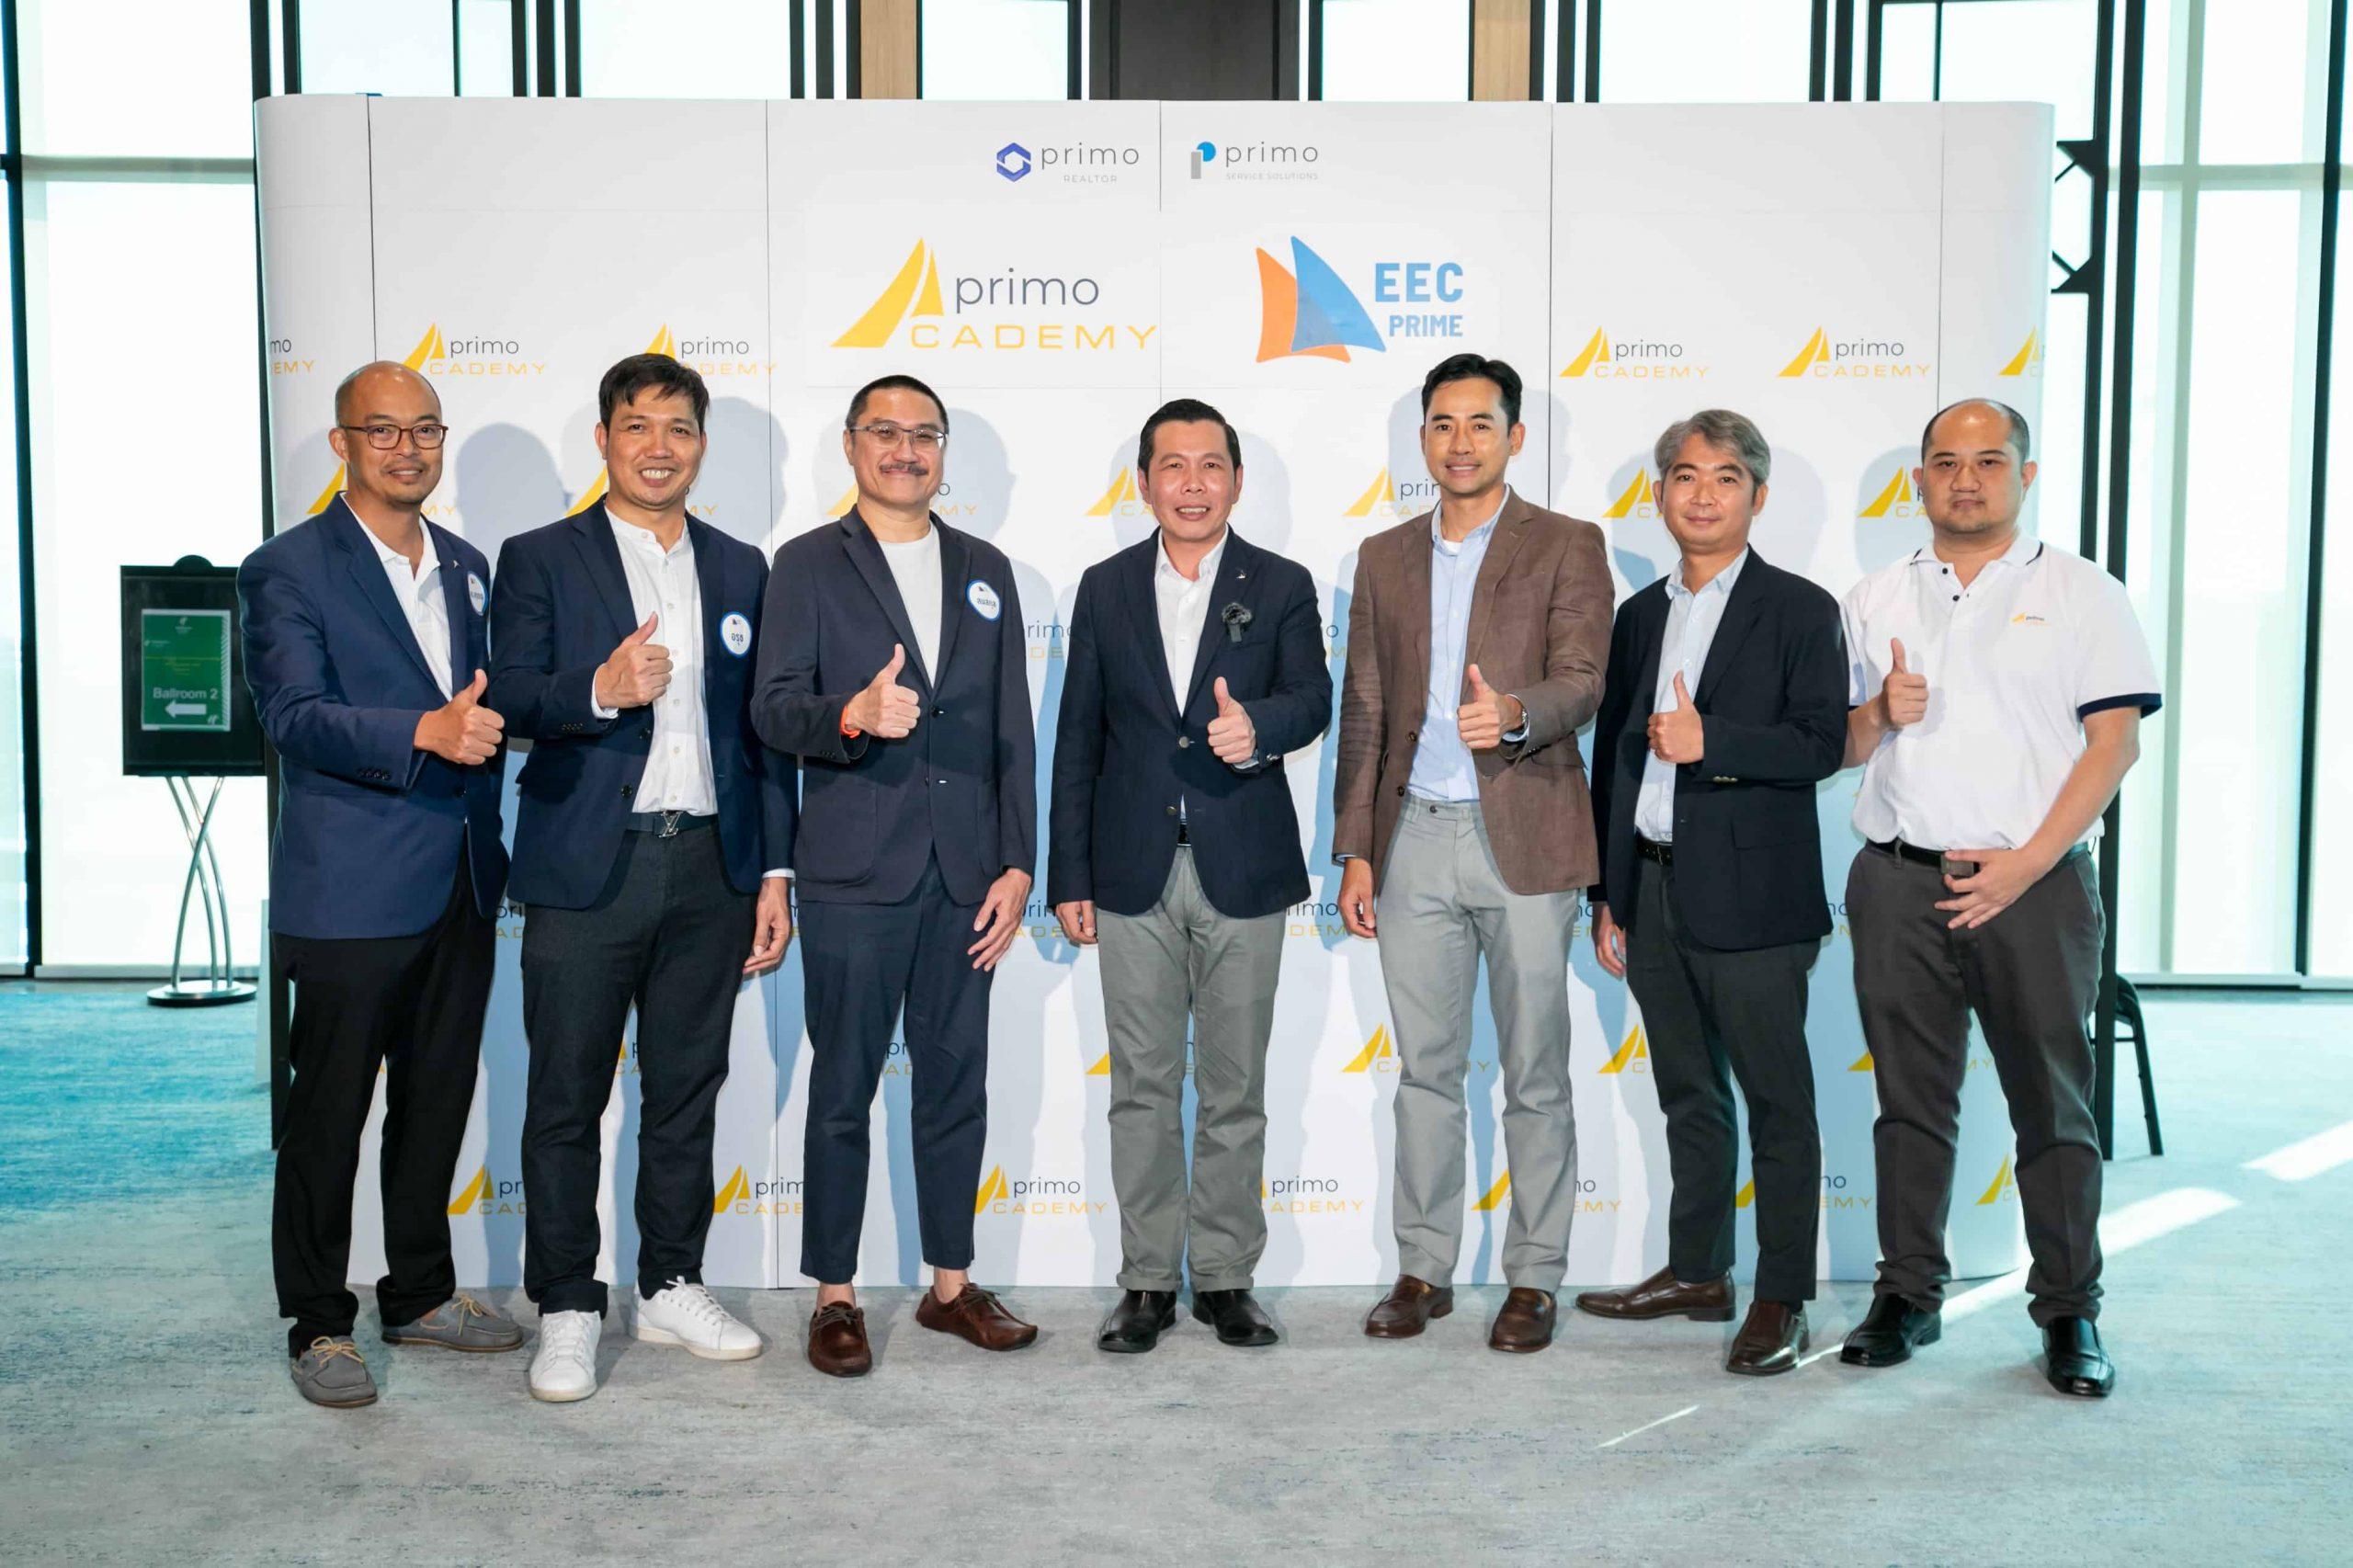 เริ่มแล้วหลักสูตร EEC PRIME รุ่นที่ 1 Connecting Hub ของนักธุรกิจ